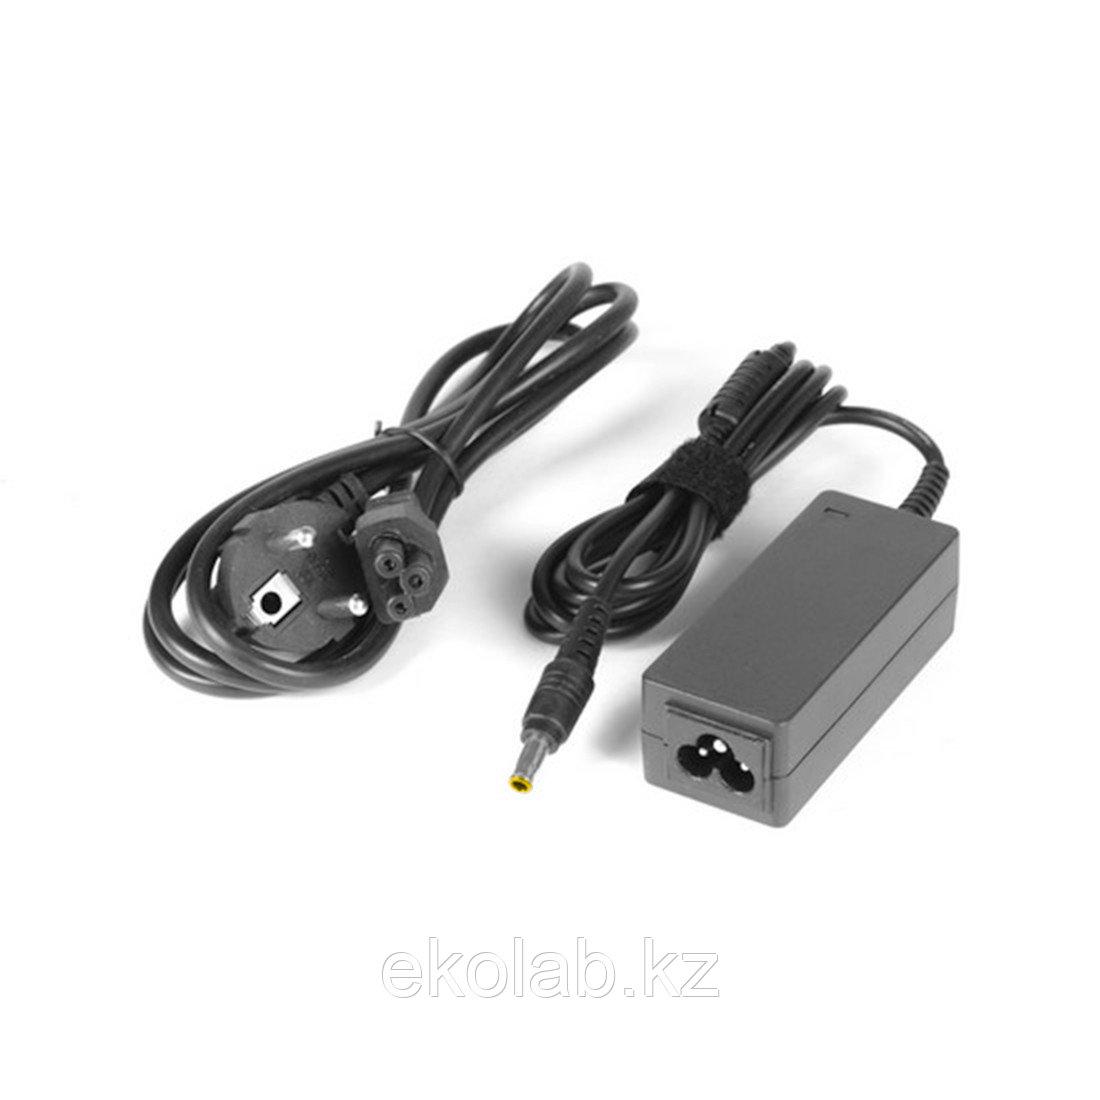 Персональное зарядное устройство Deluxe DLSM-475-5530